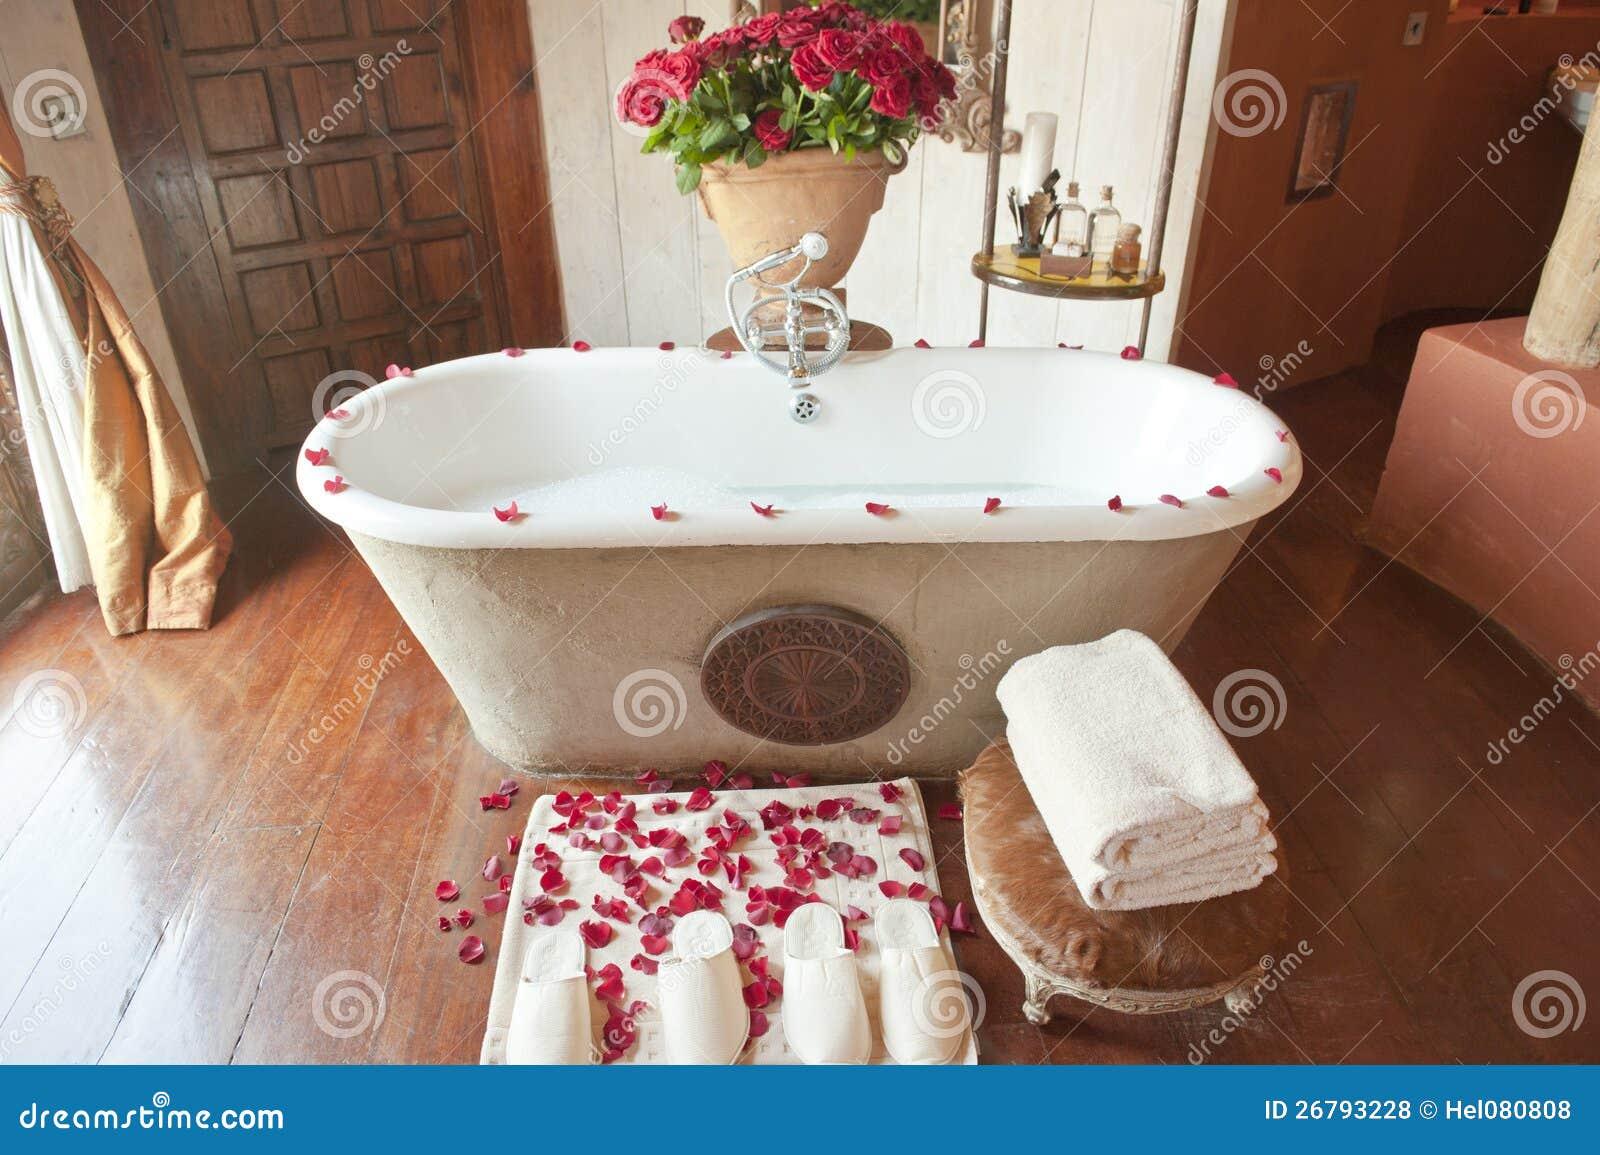 Salle de bains d 39 h tel de luxe avec les roses rouges photo for Salle de bain hotel de luxe